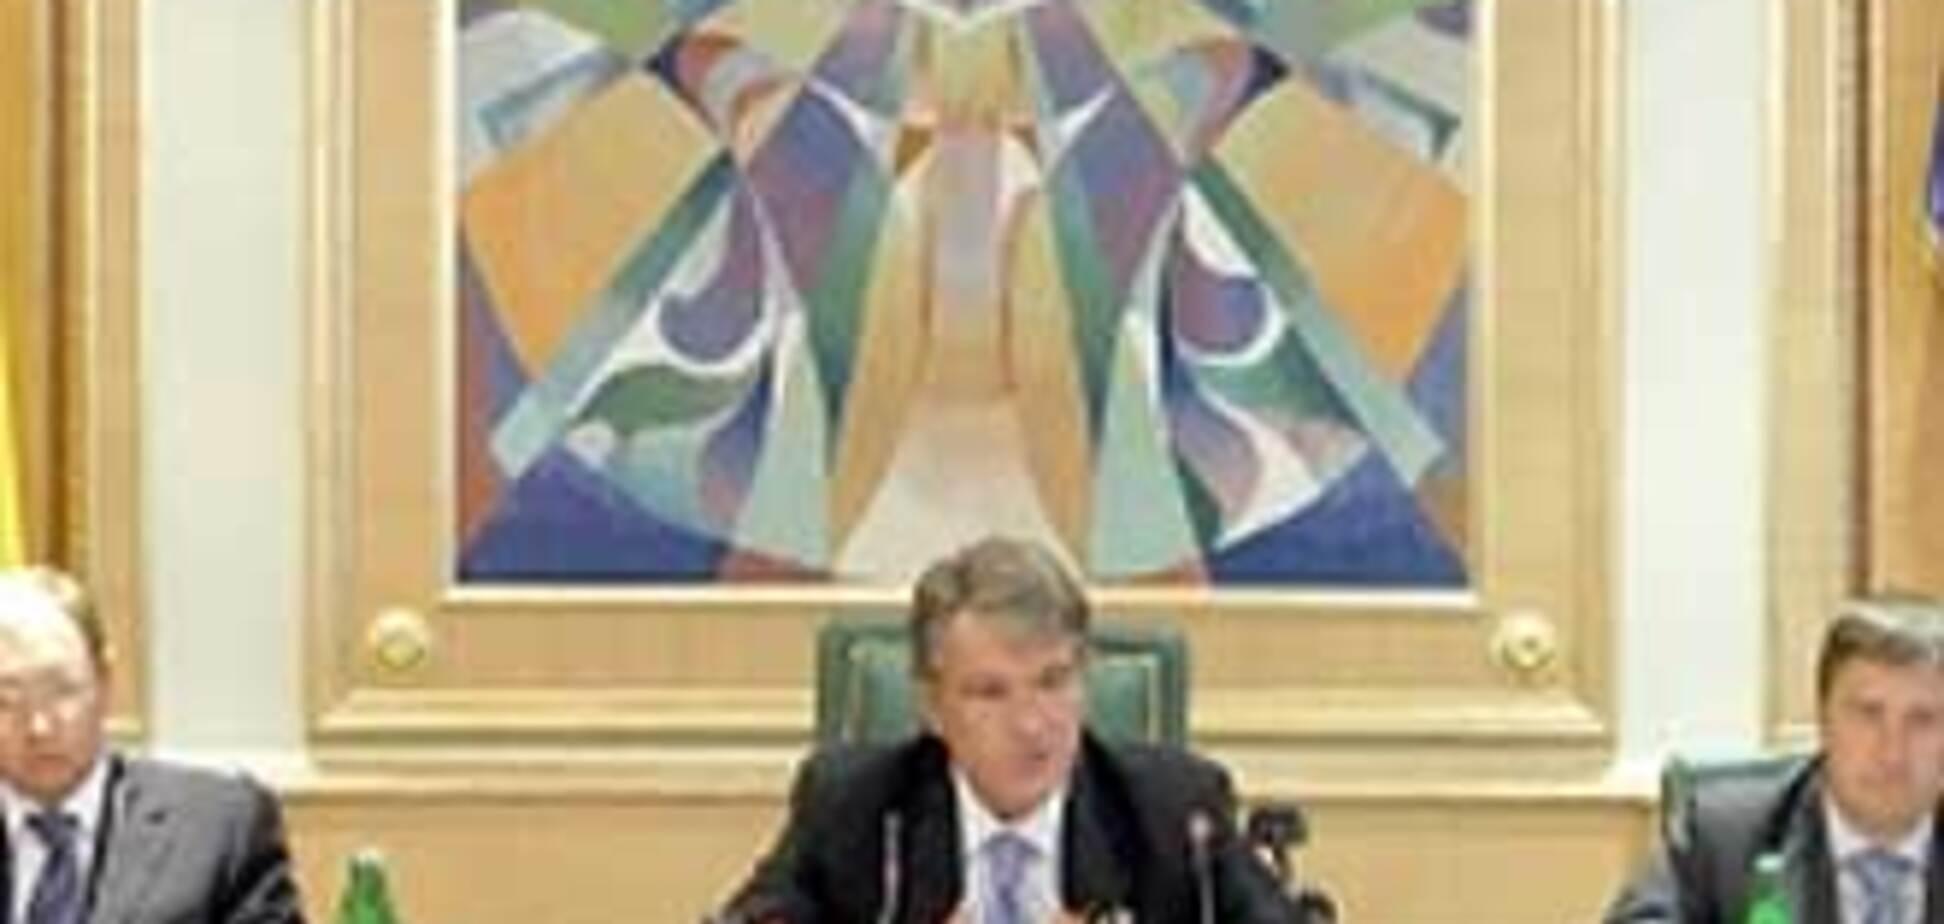 Прем'єр упевнена: Ющенку імпічмент не грозить